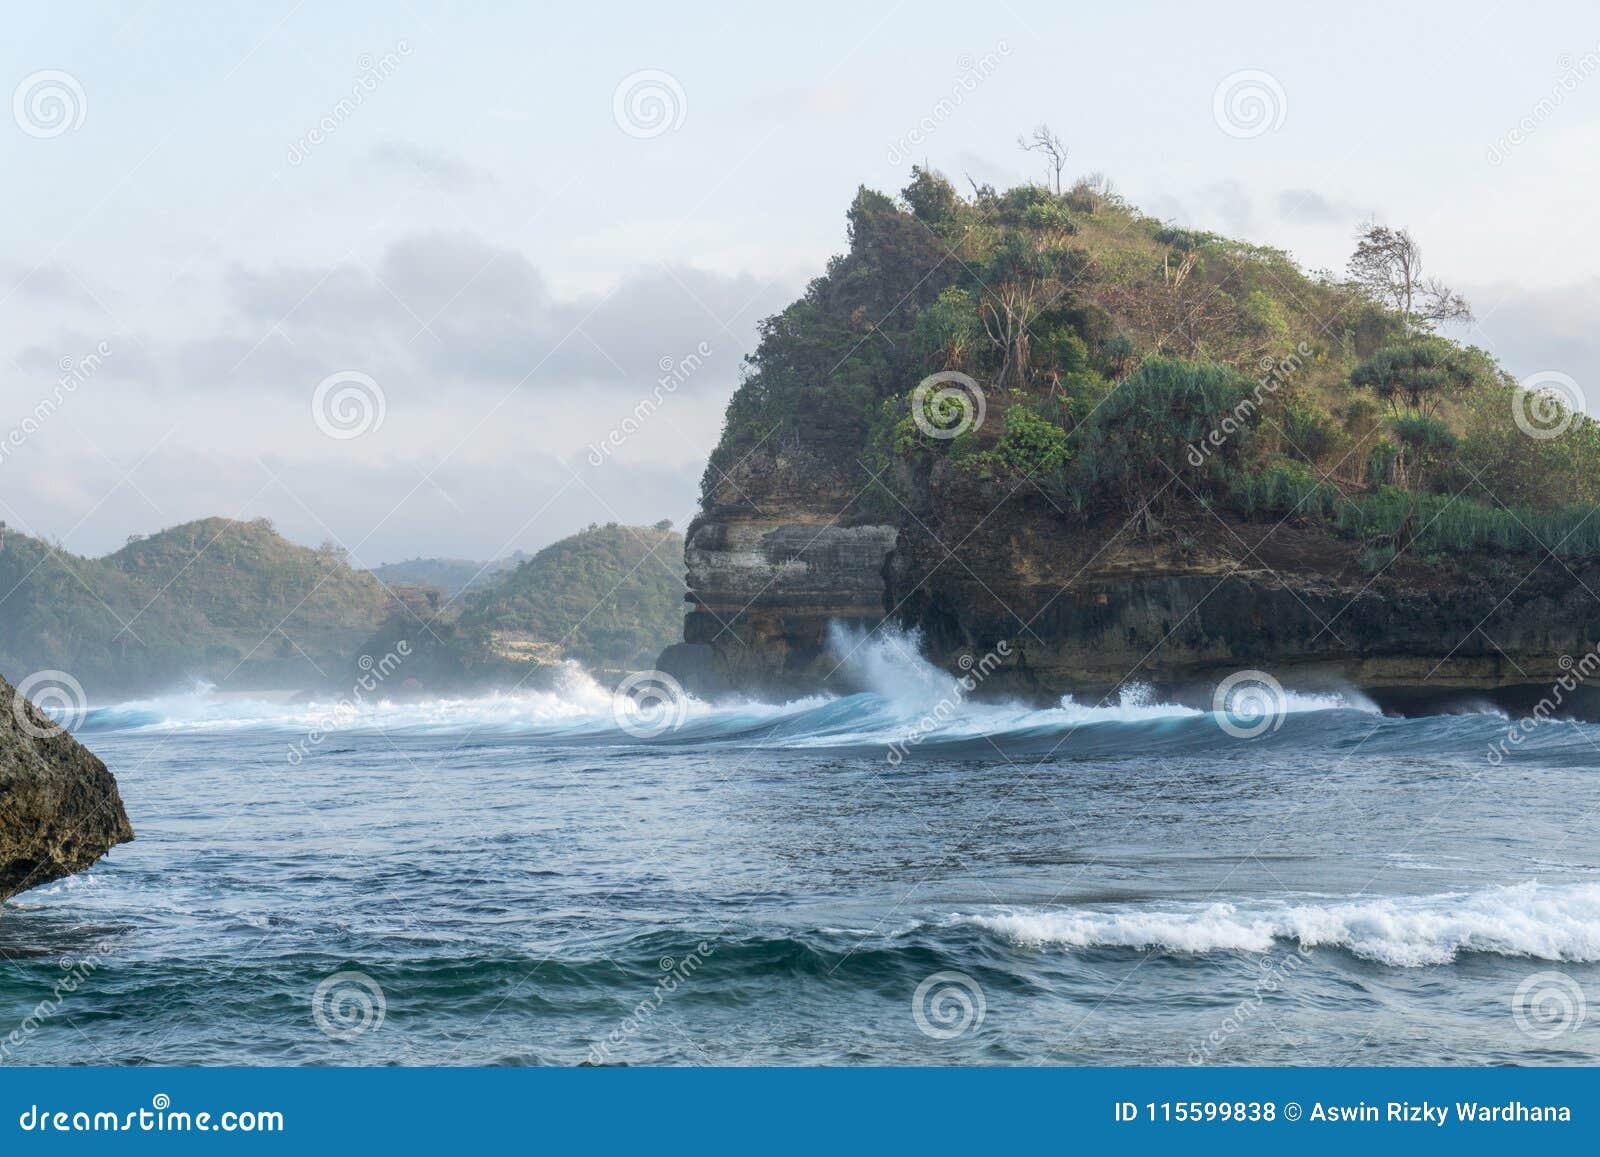 Batu Bengkung plaża Malang Indonezja